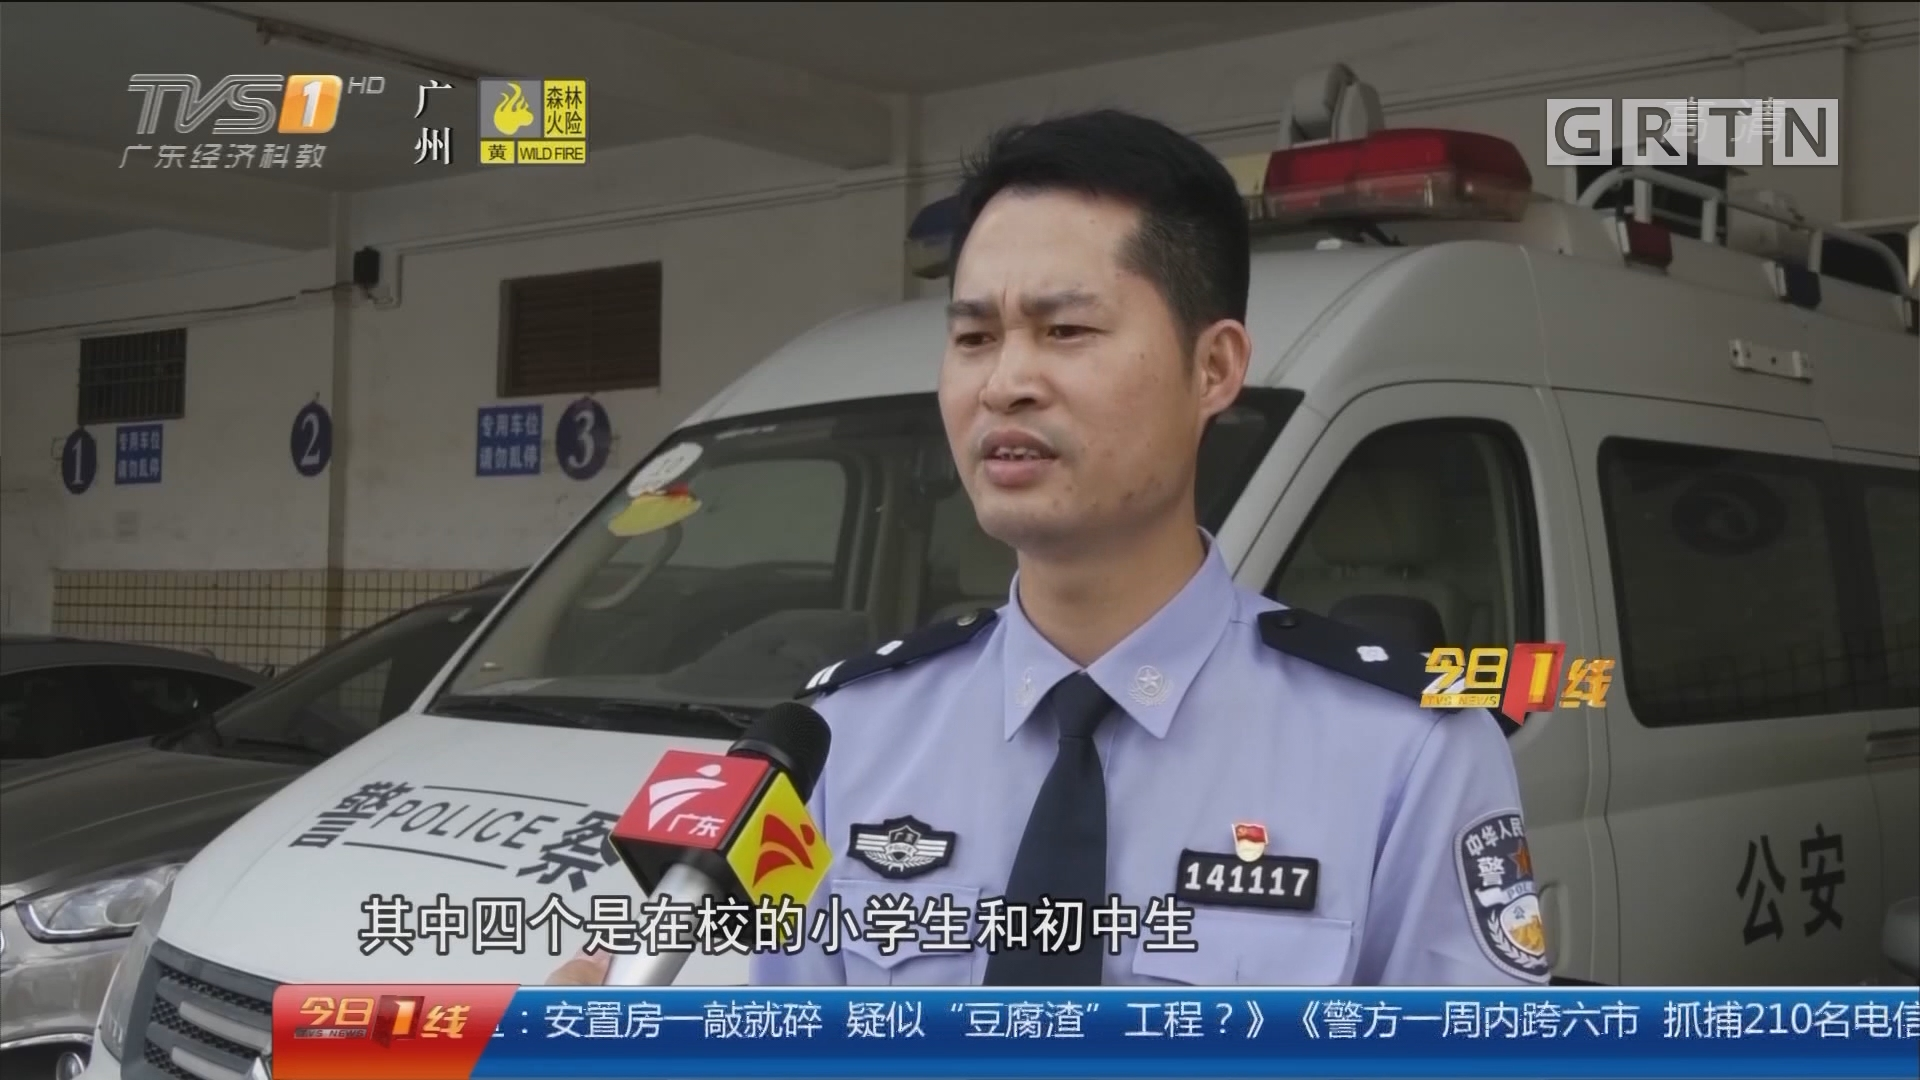 汕尾海丰:少年车手事故频酿 监管失守警钟敲响